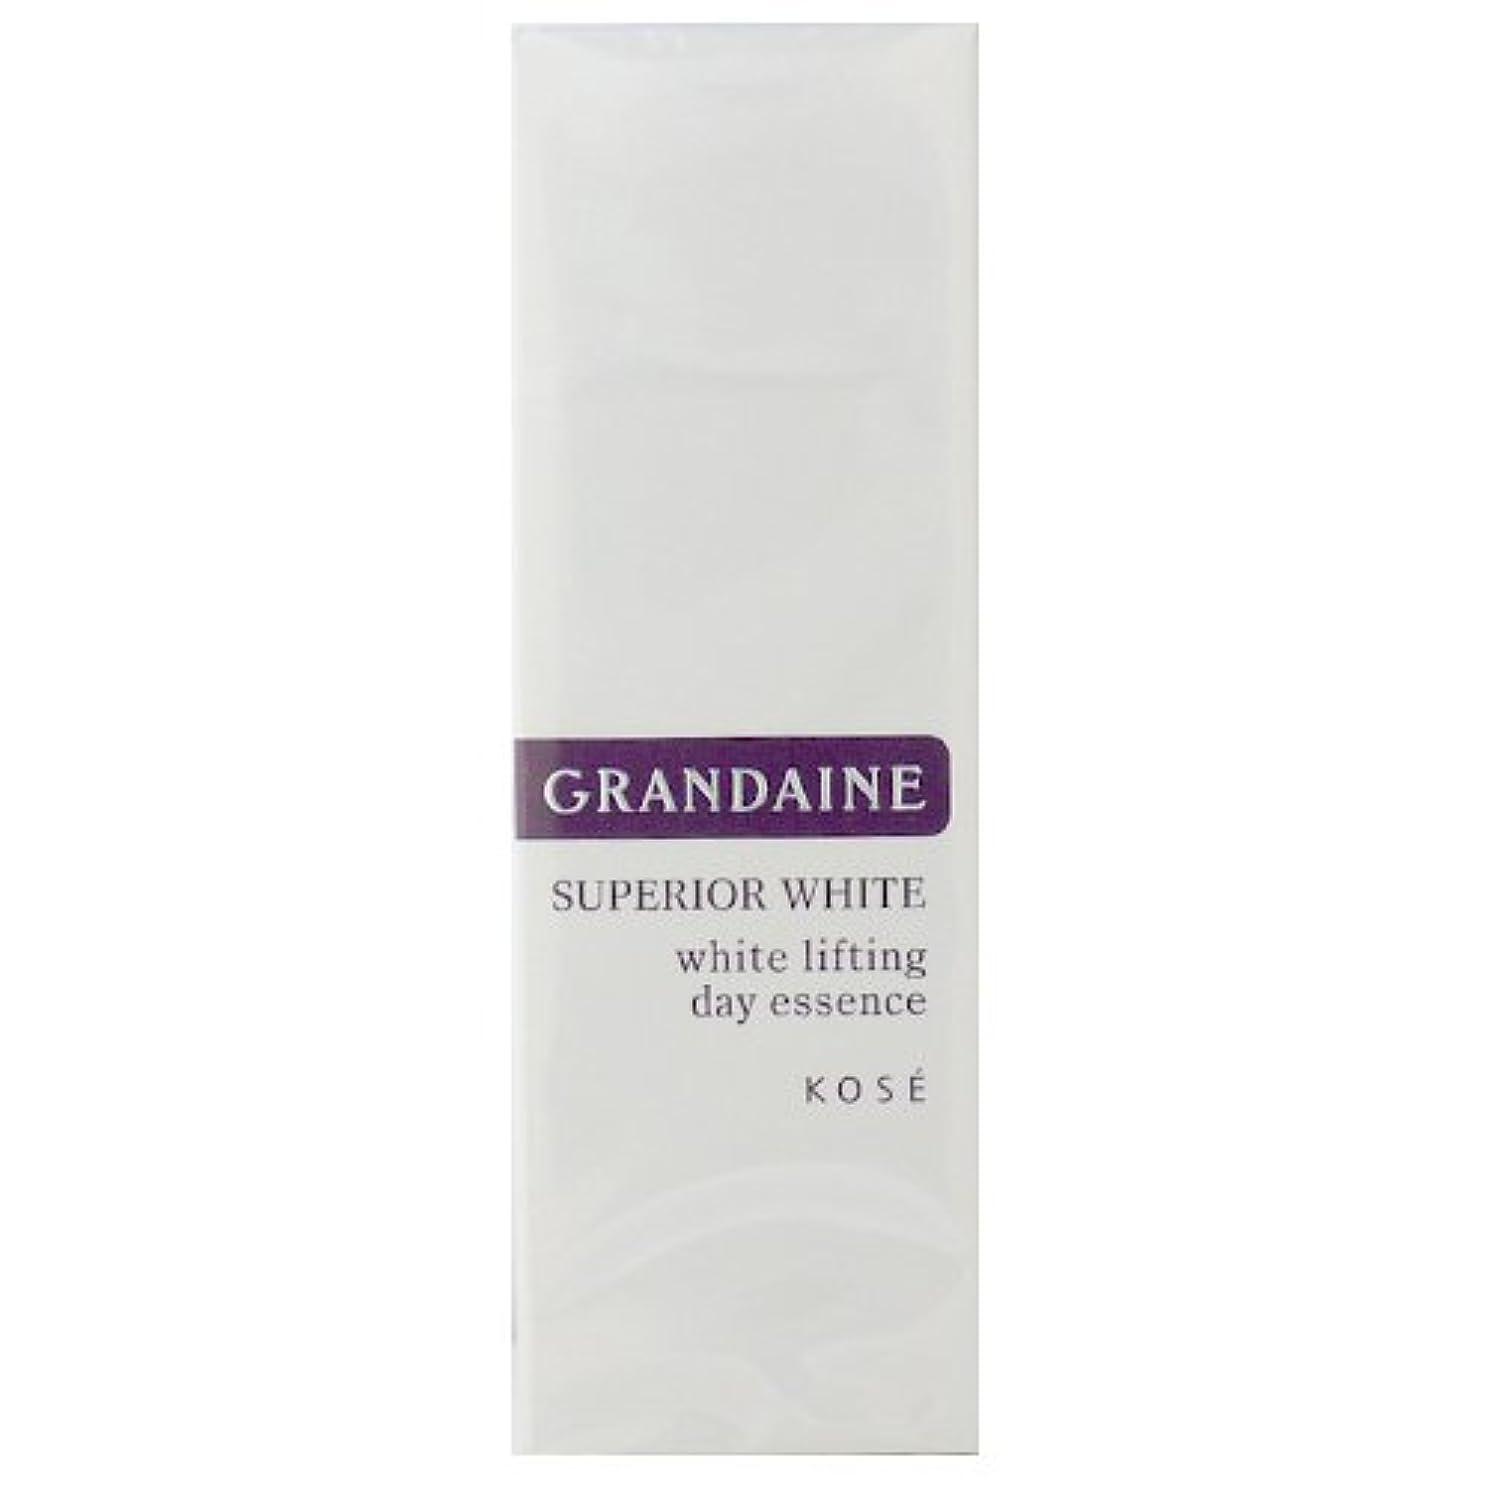 してはいけません安全なコーセー グランデーヌ スーペリア ホワイト ホワイトリフティング デイエッセンス SPF30 PA++ 30g